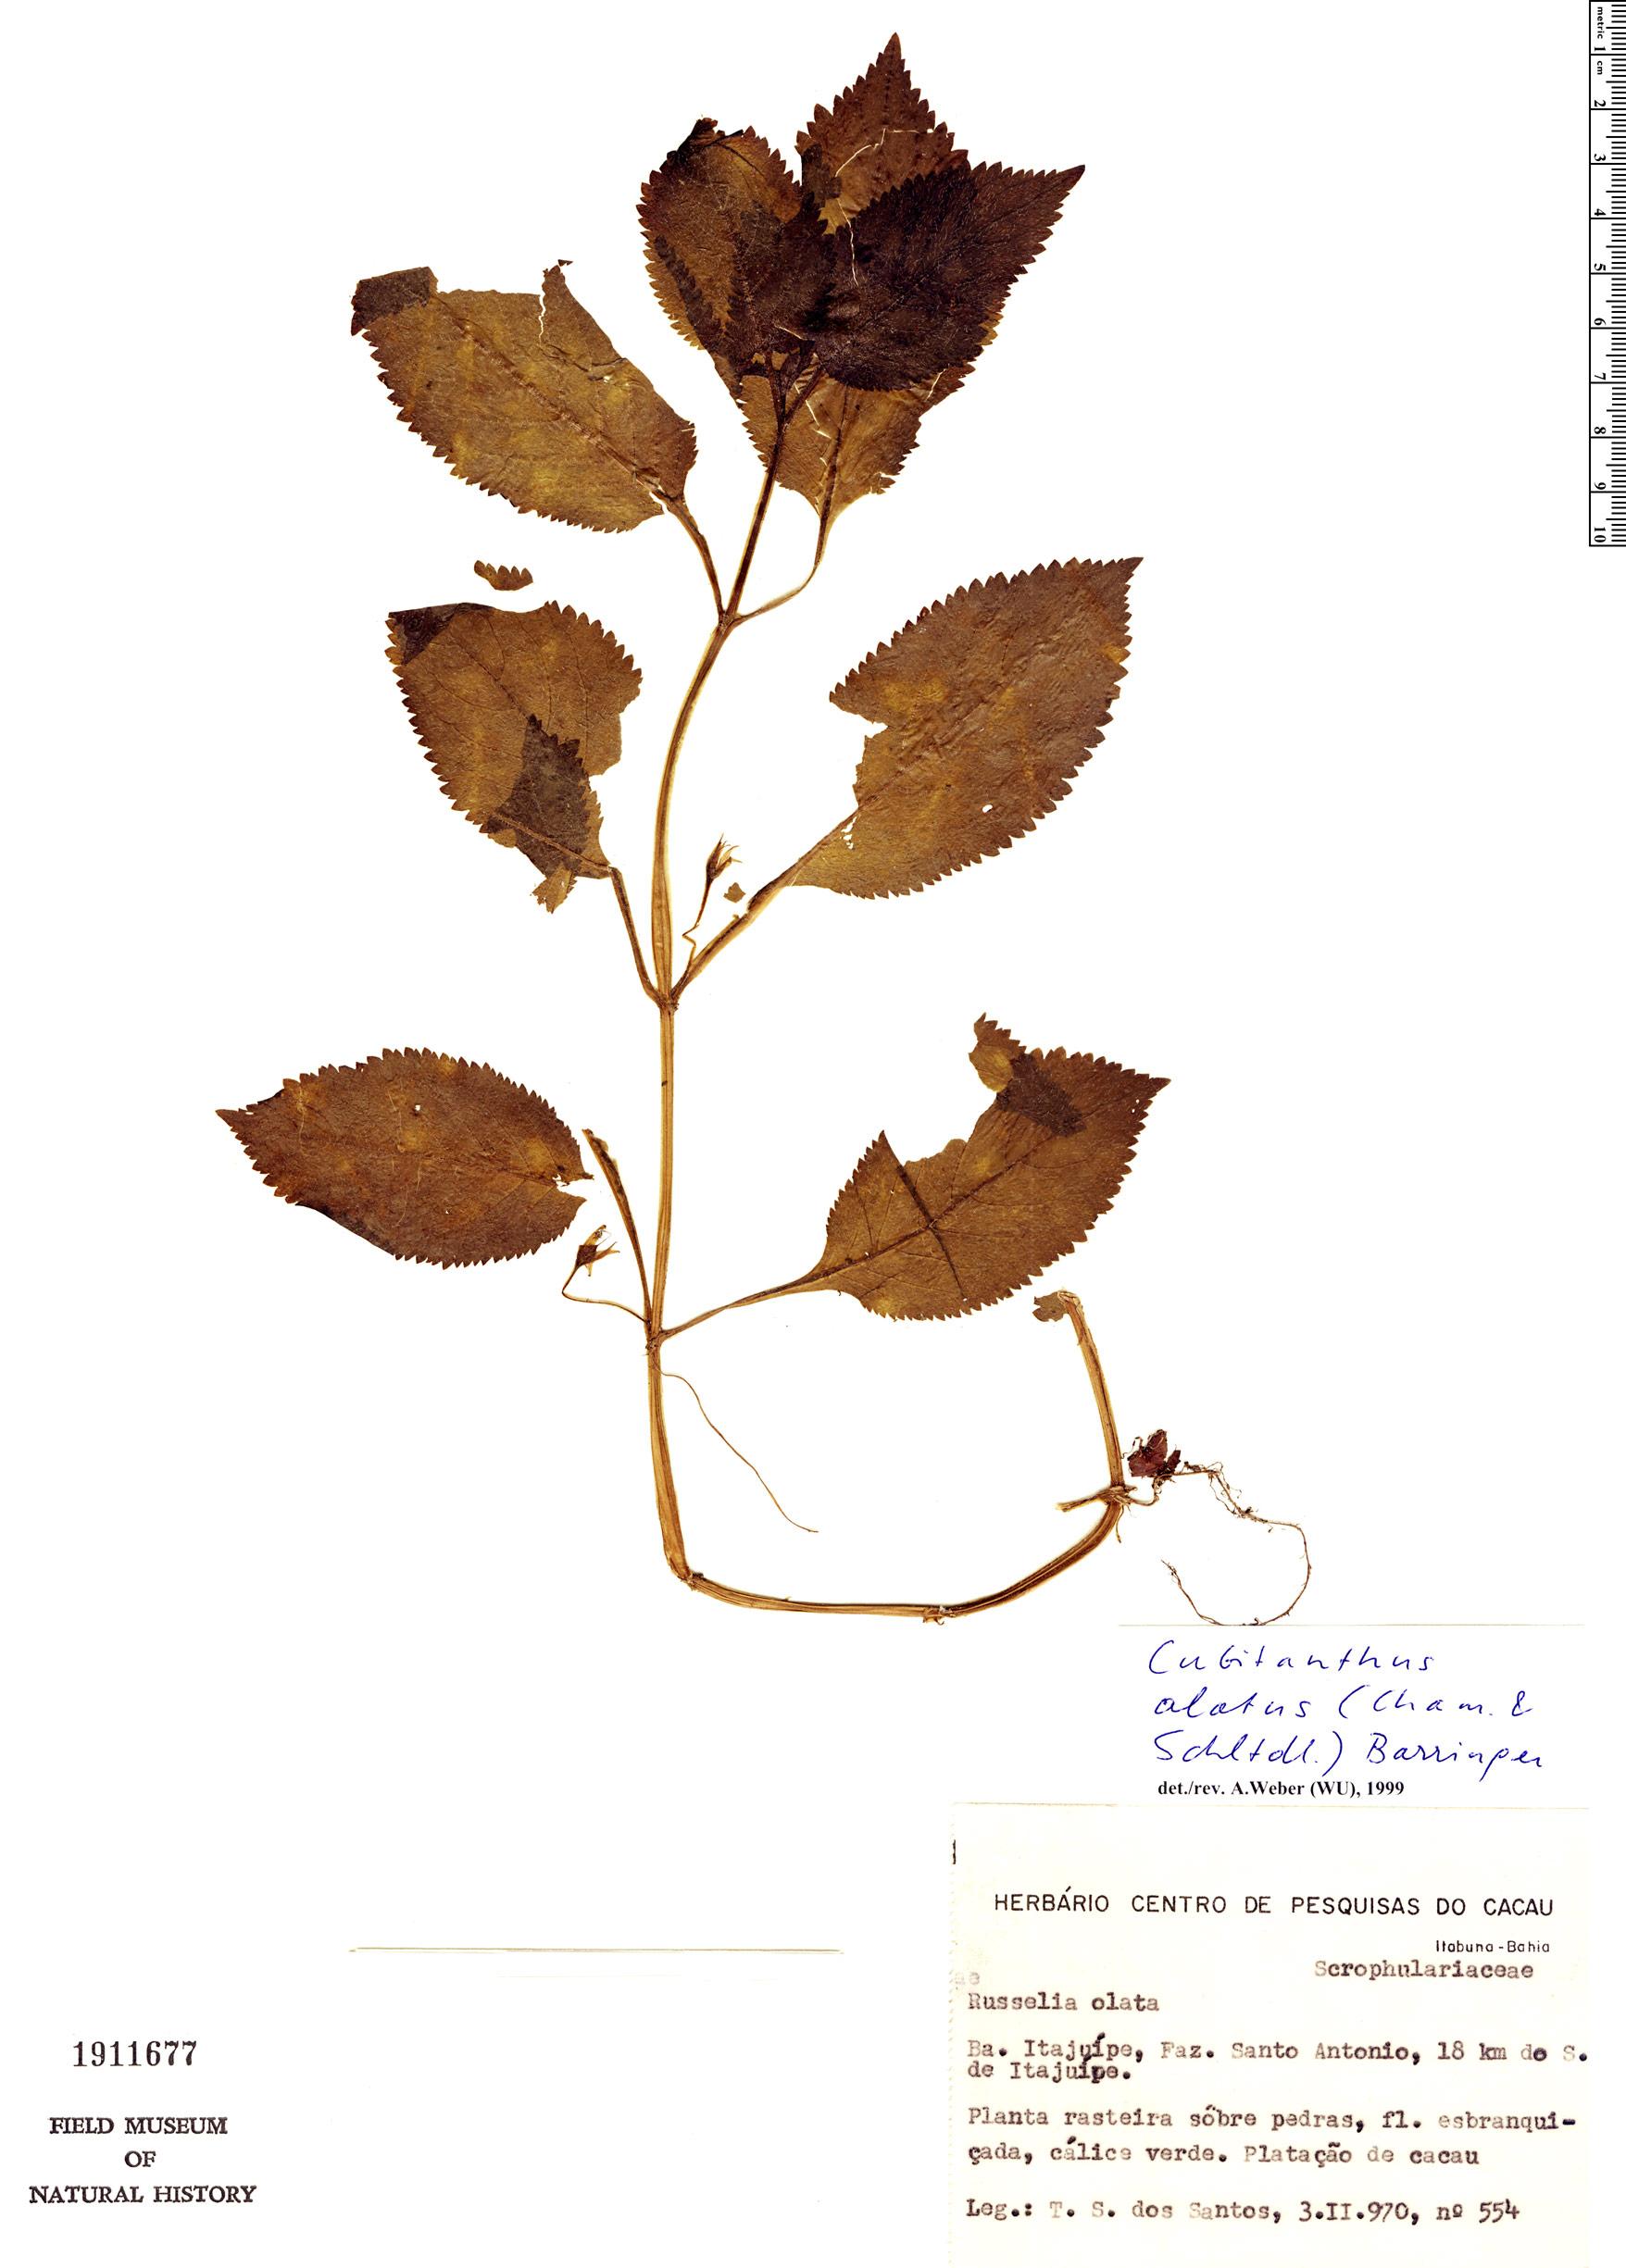 Specimen: Cubitanthus alatus